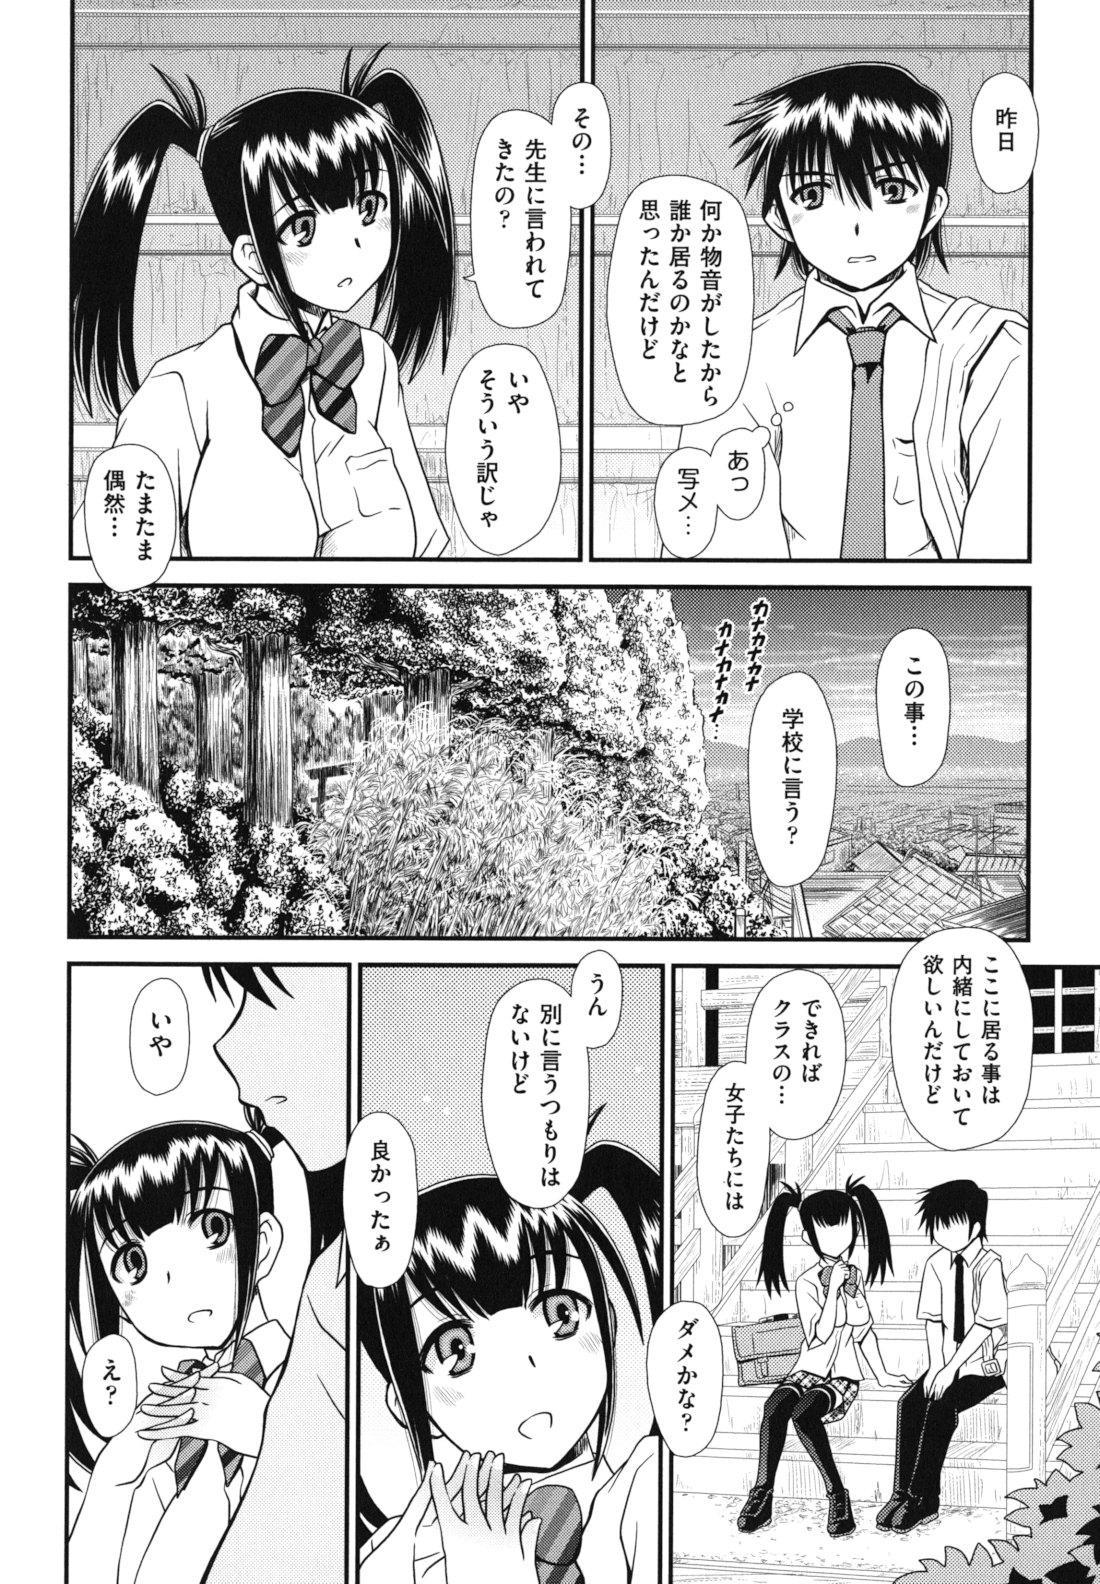 Twintail de Kneesocks no Onnanoko tachi ga Kyakkya de Ufufu♥ 172